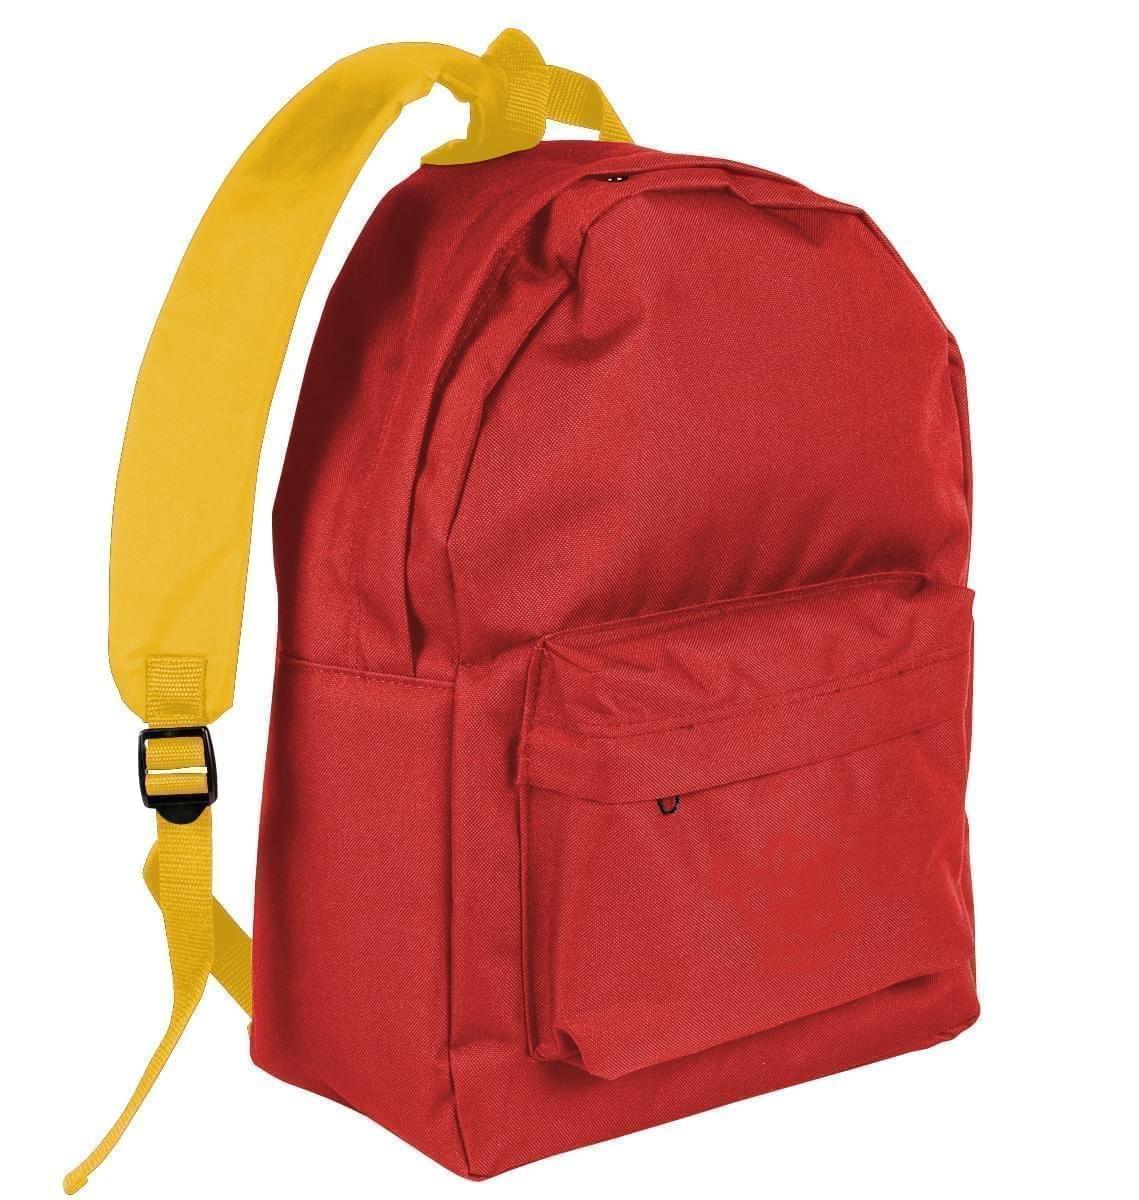 USA Made Nylon Poly Backpack Knapsacks, Red-Gold, 8960-AZ5